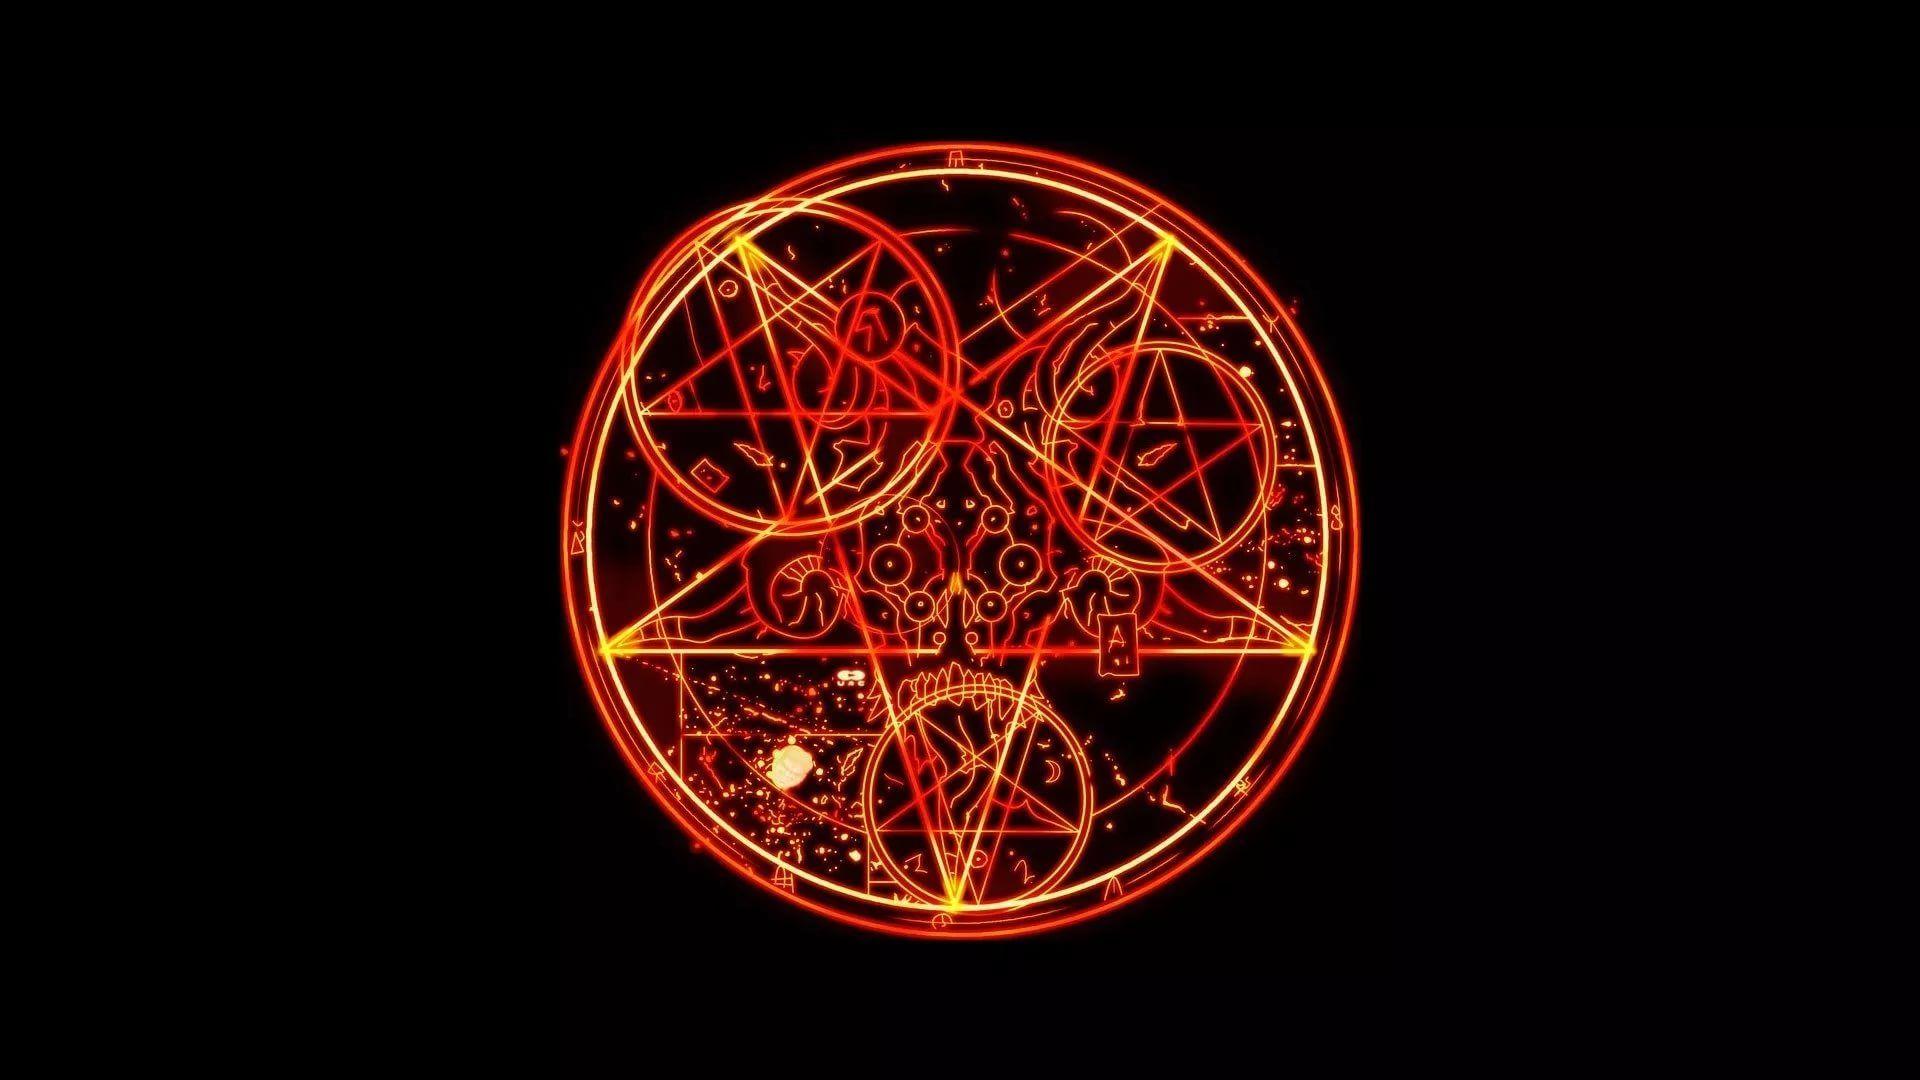 Pentagram hd wallpaper for laptop